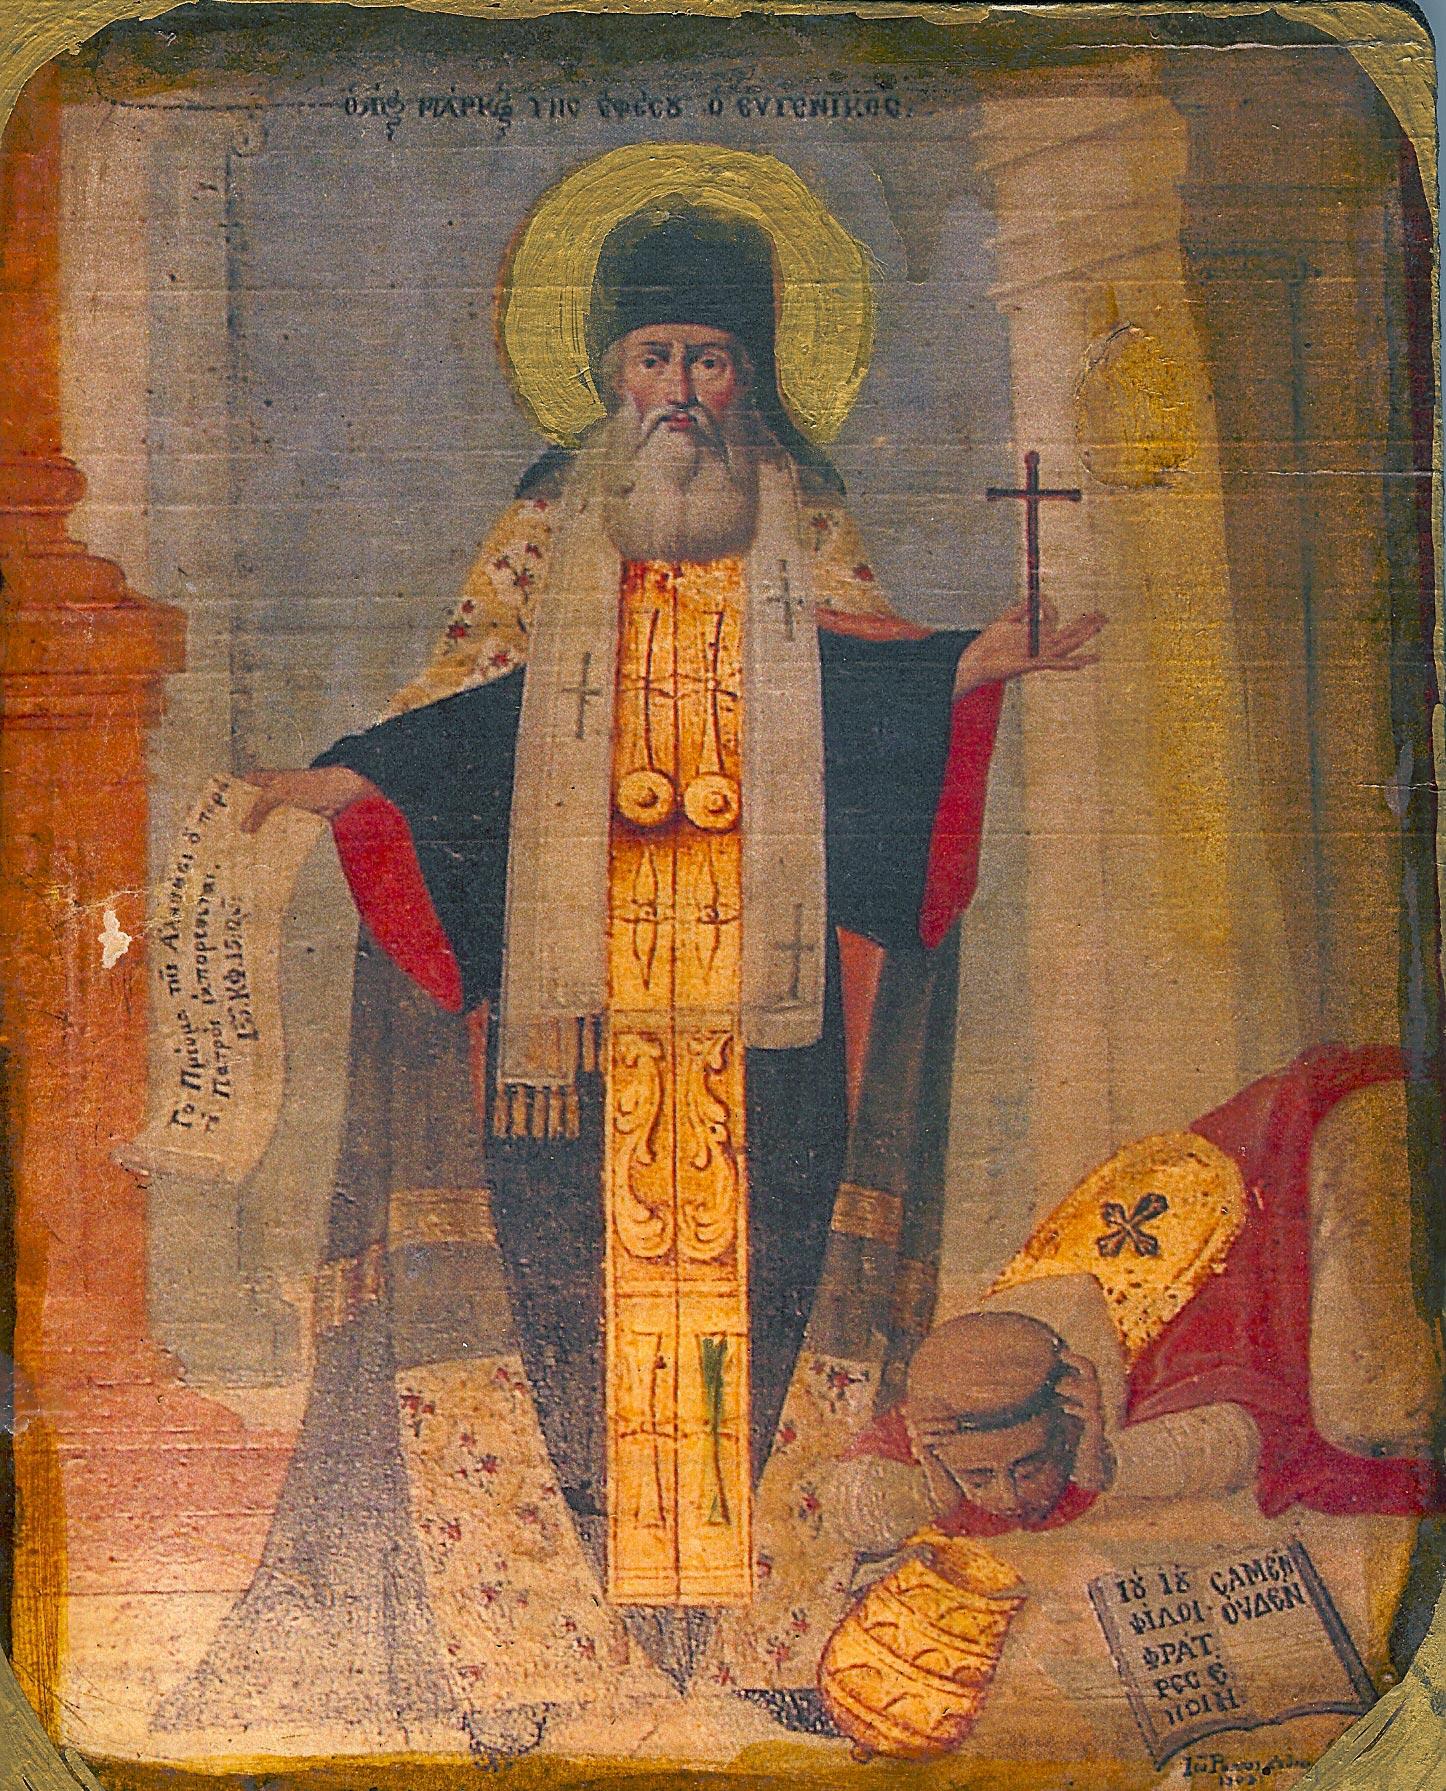 Viaţa Sfântului mărturisitor Marcu Eugenicul, episcopul Efesului